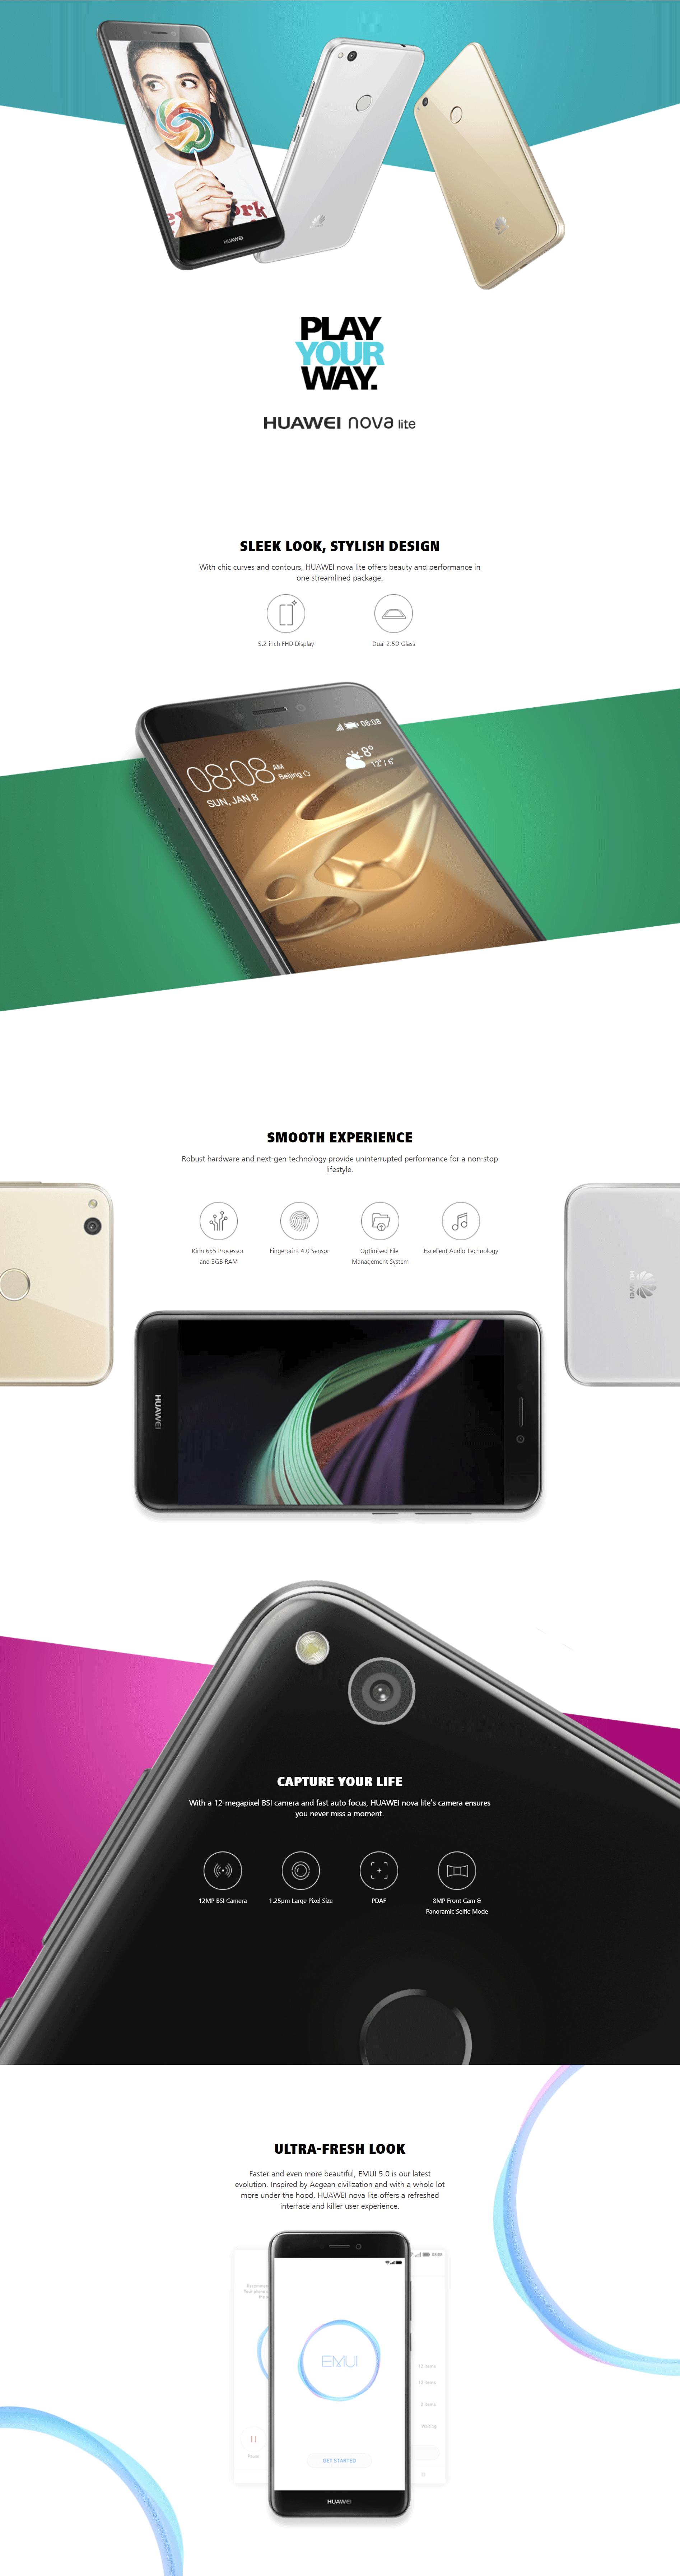 Gcam For Huawei Nova 2 Lite